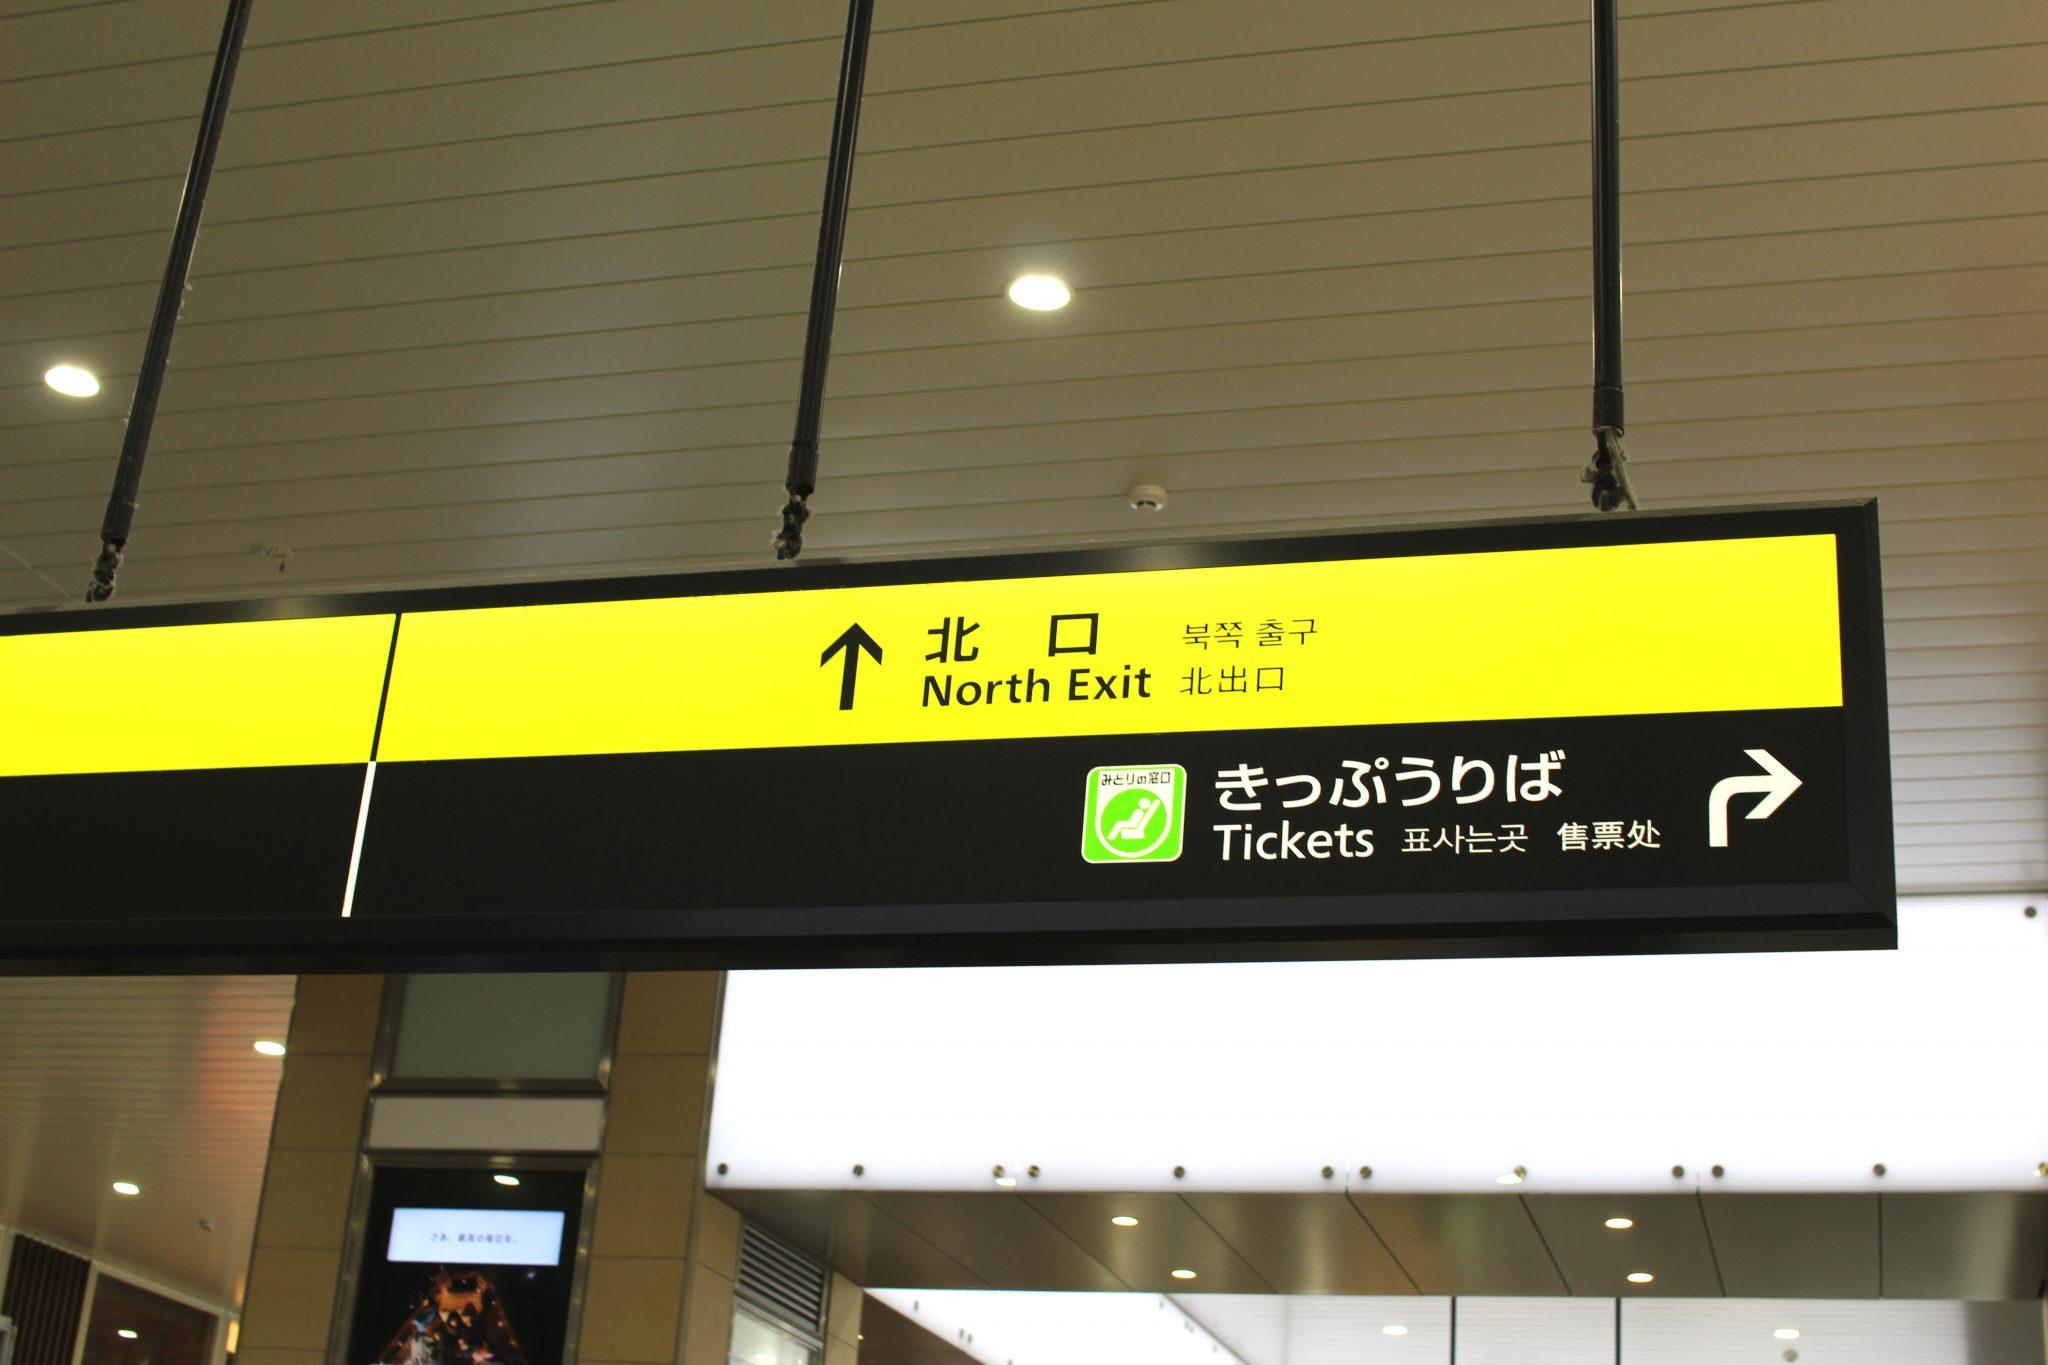 天王寺駅 北口に向かいます。